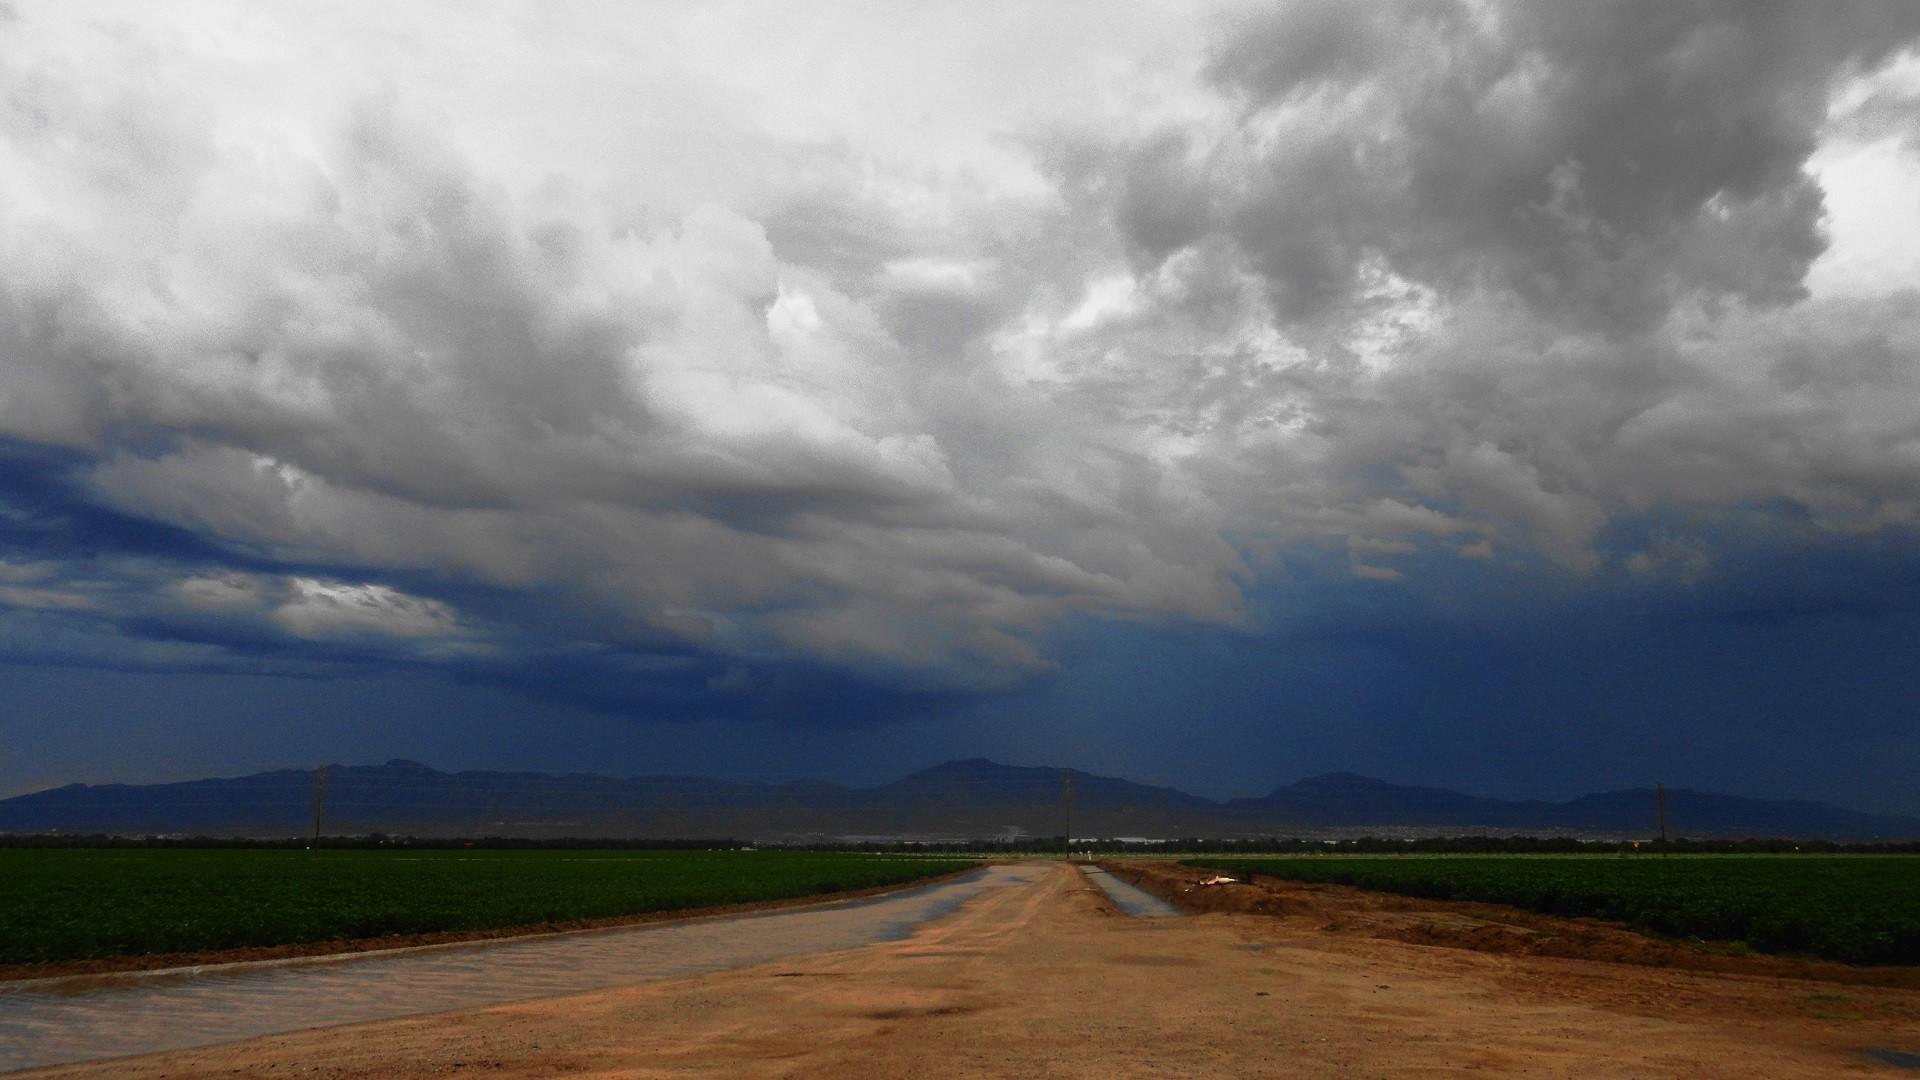 Clouds Nature DeviantART Roads Wallpaper